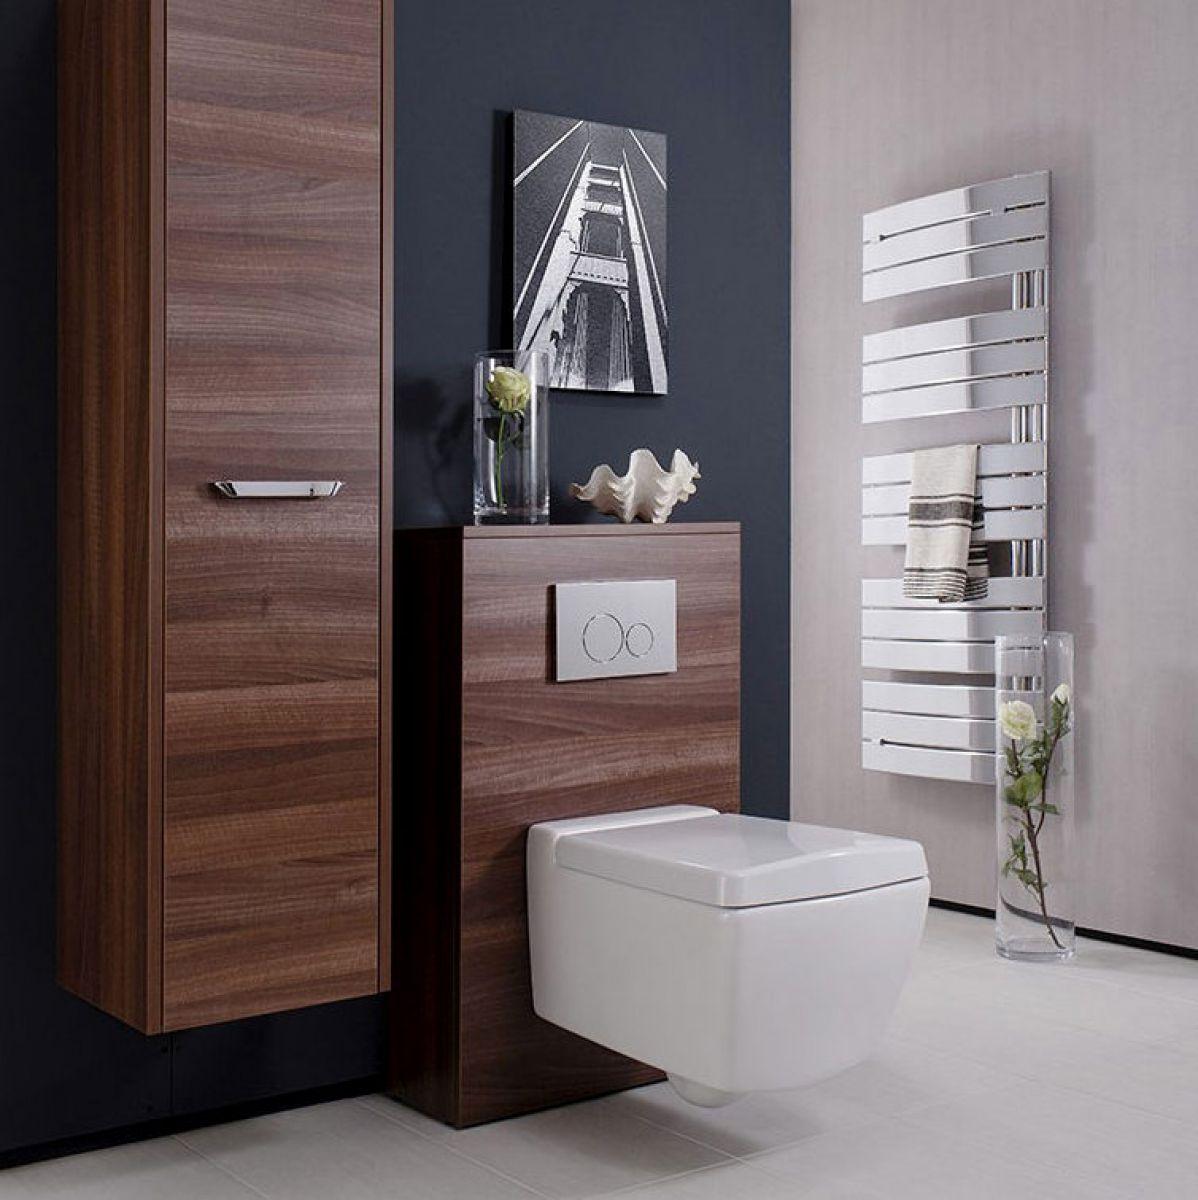 bauhaus wc furniture unit